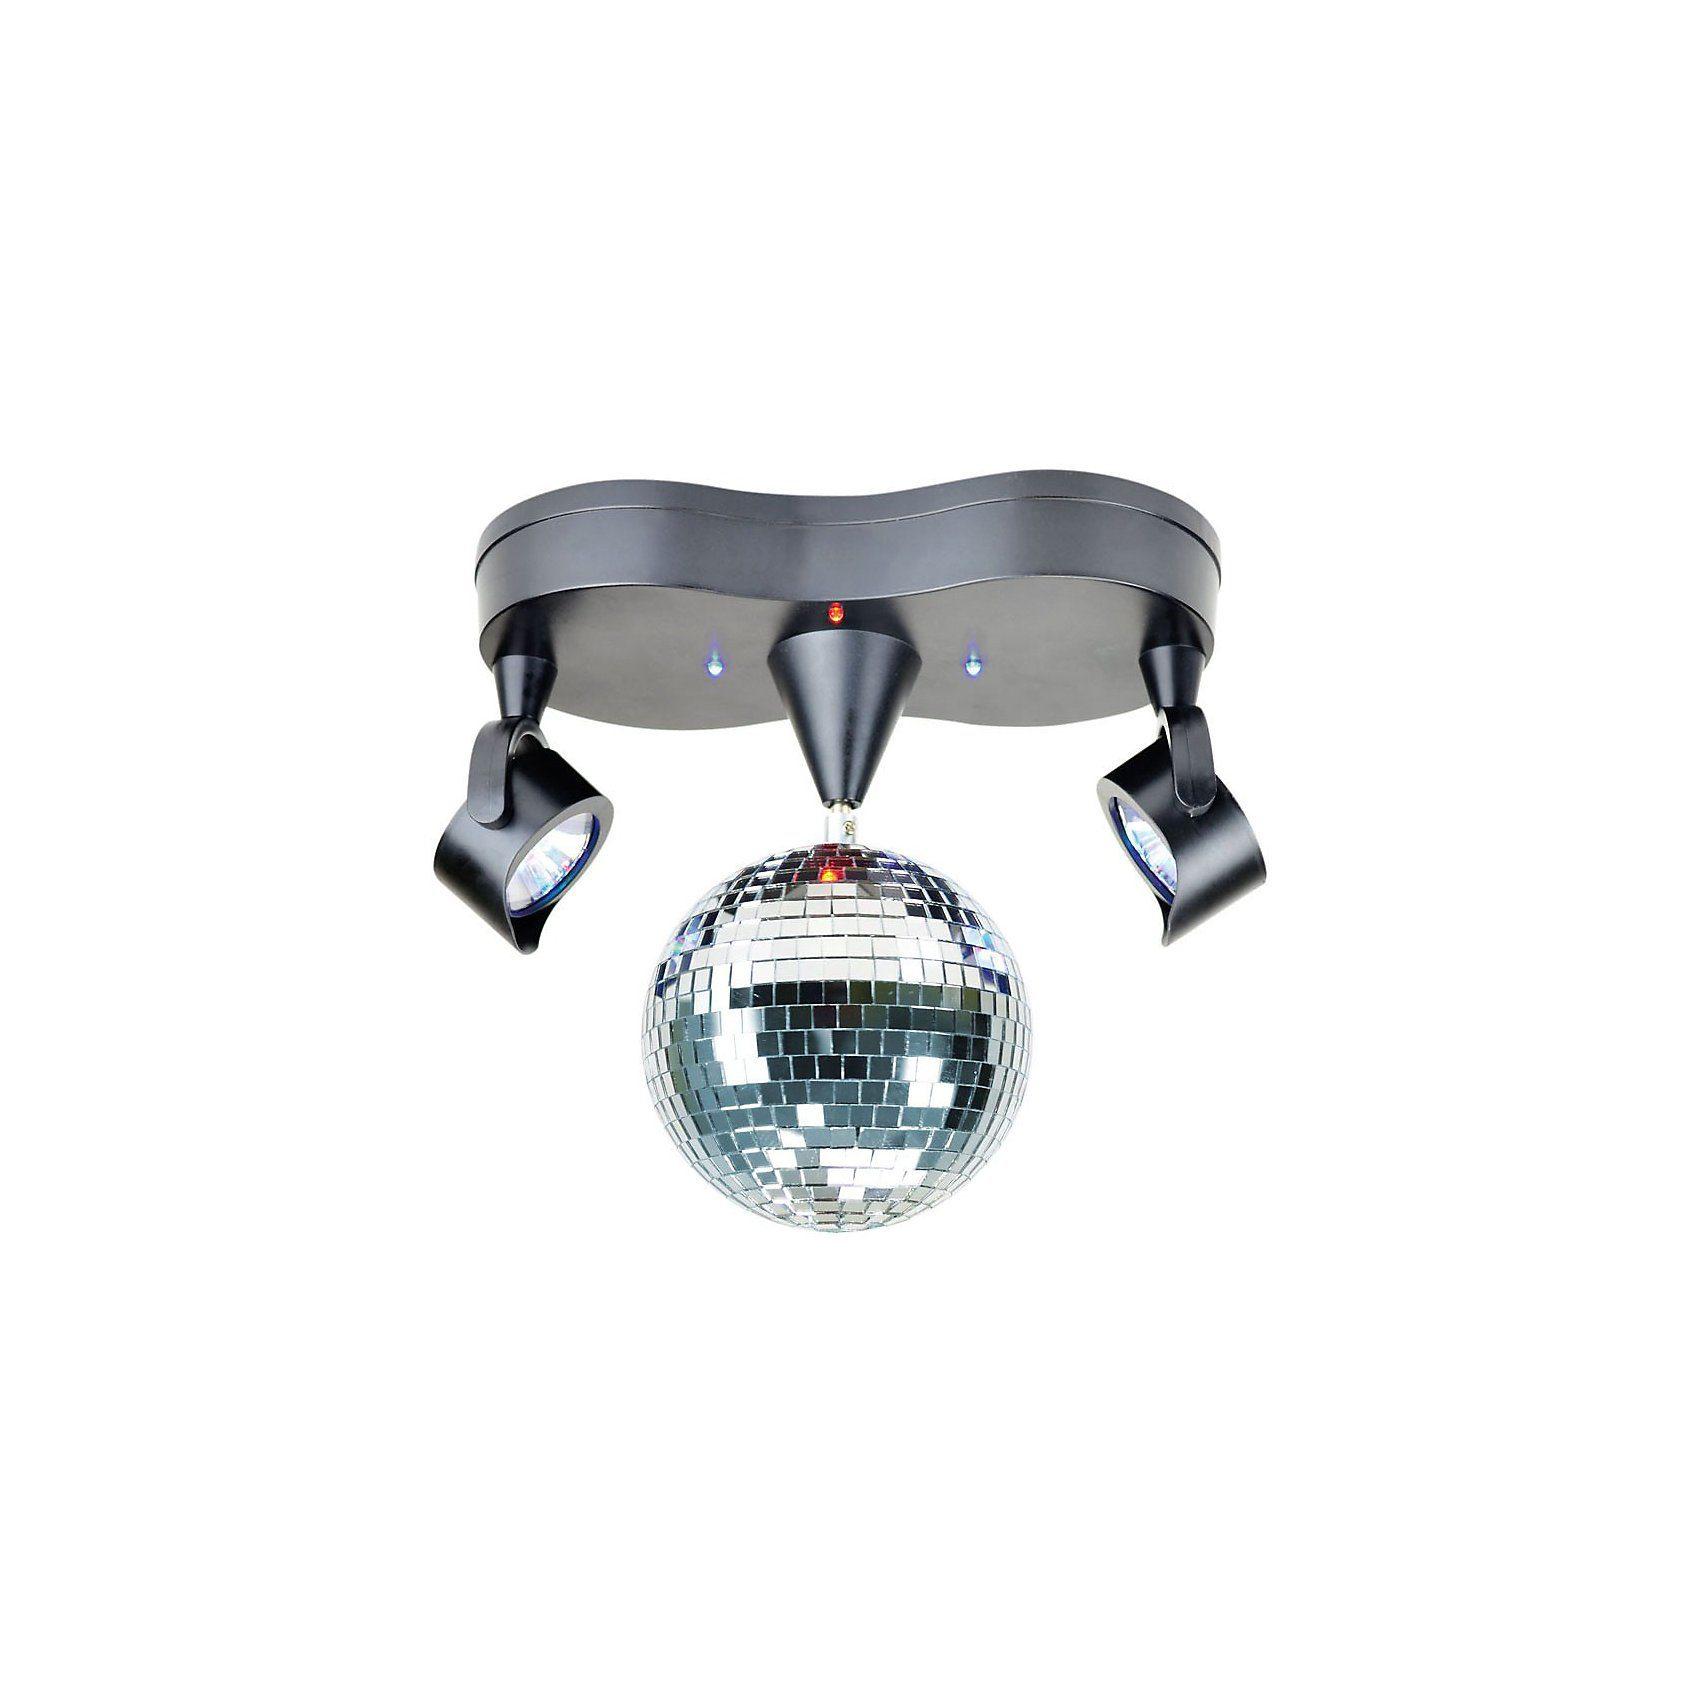 Spiegelkugel mit 2 LED Strahlern